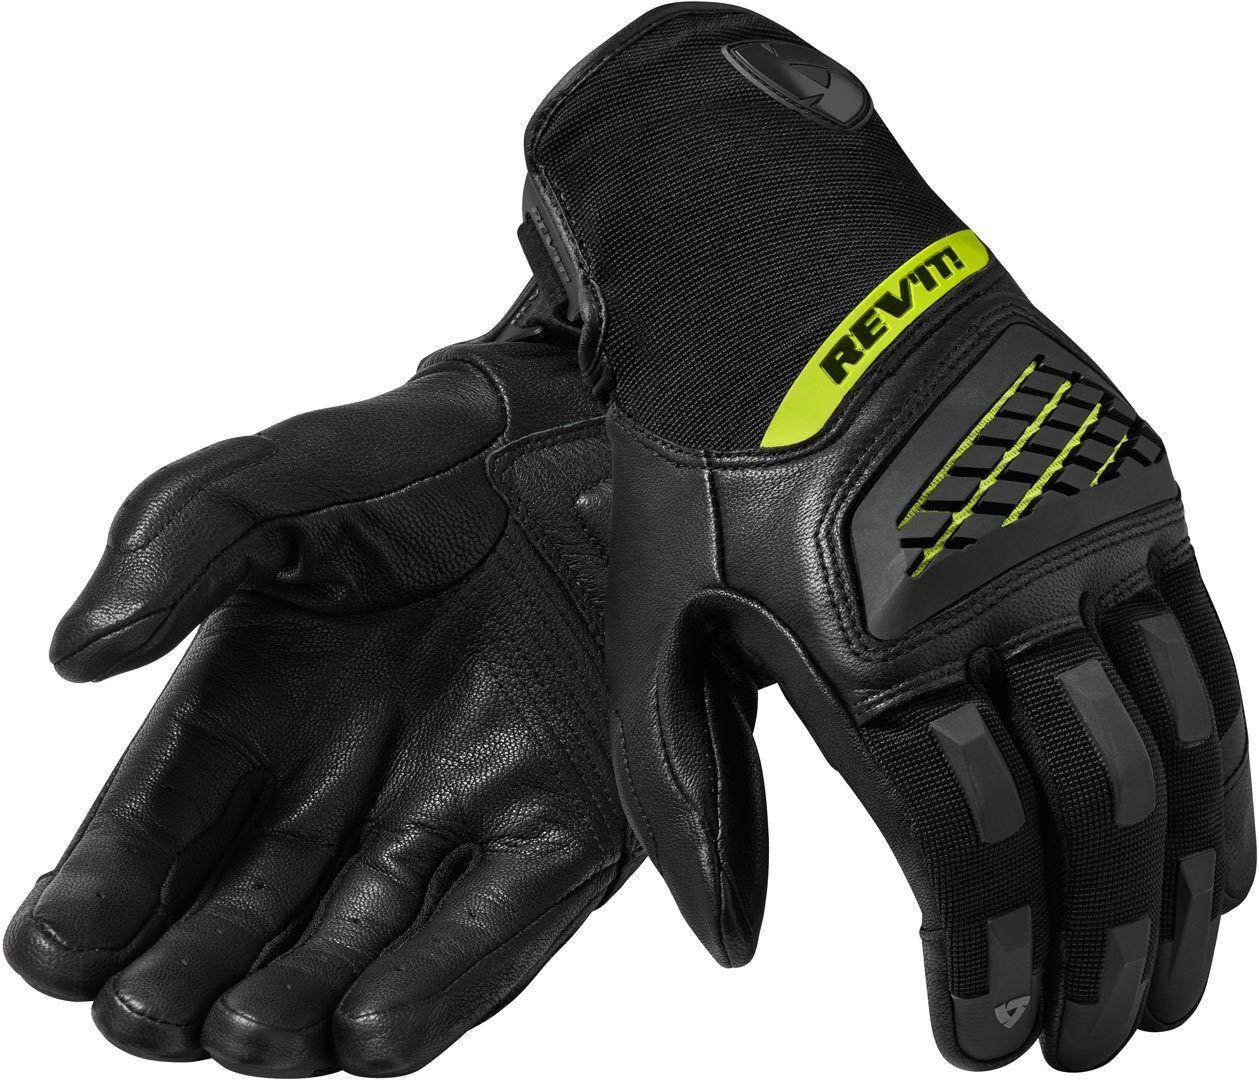 Revit Neutron 3 Gants de motocross Noir Jaune taille : 3XL